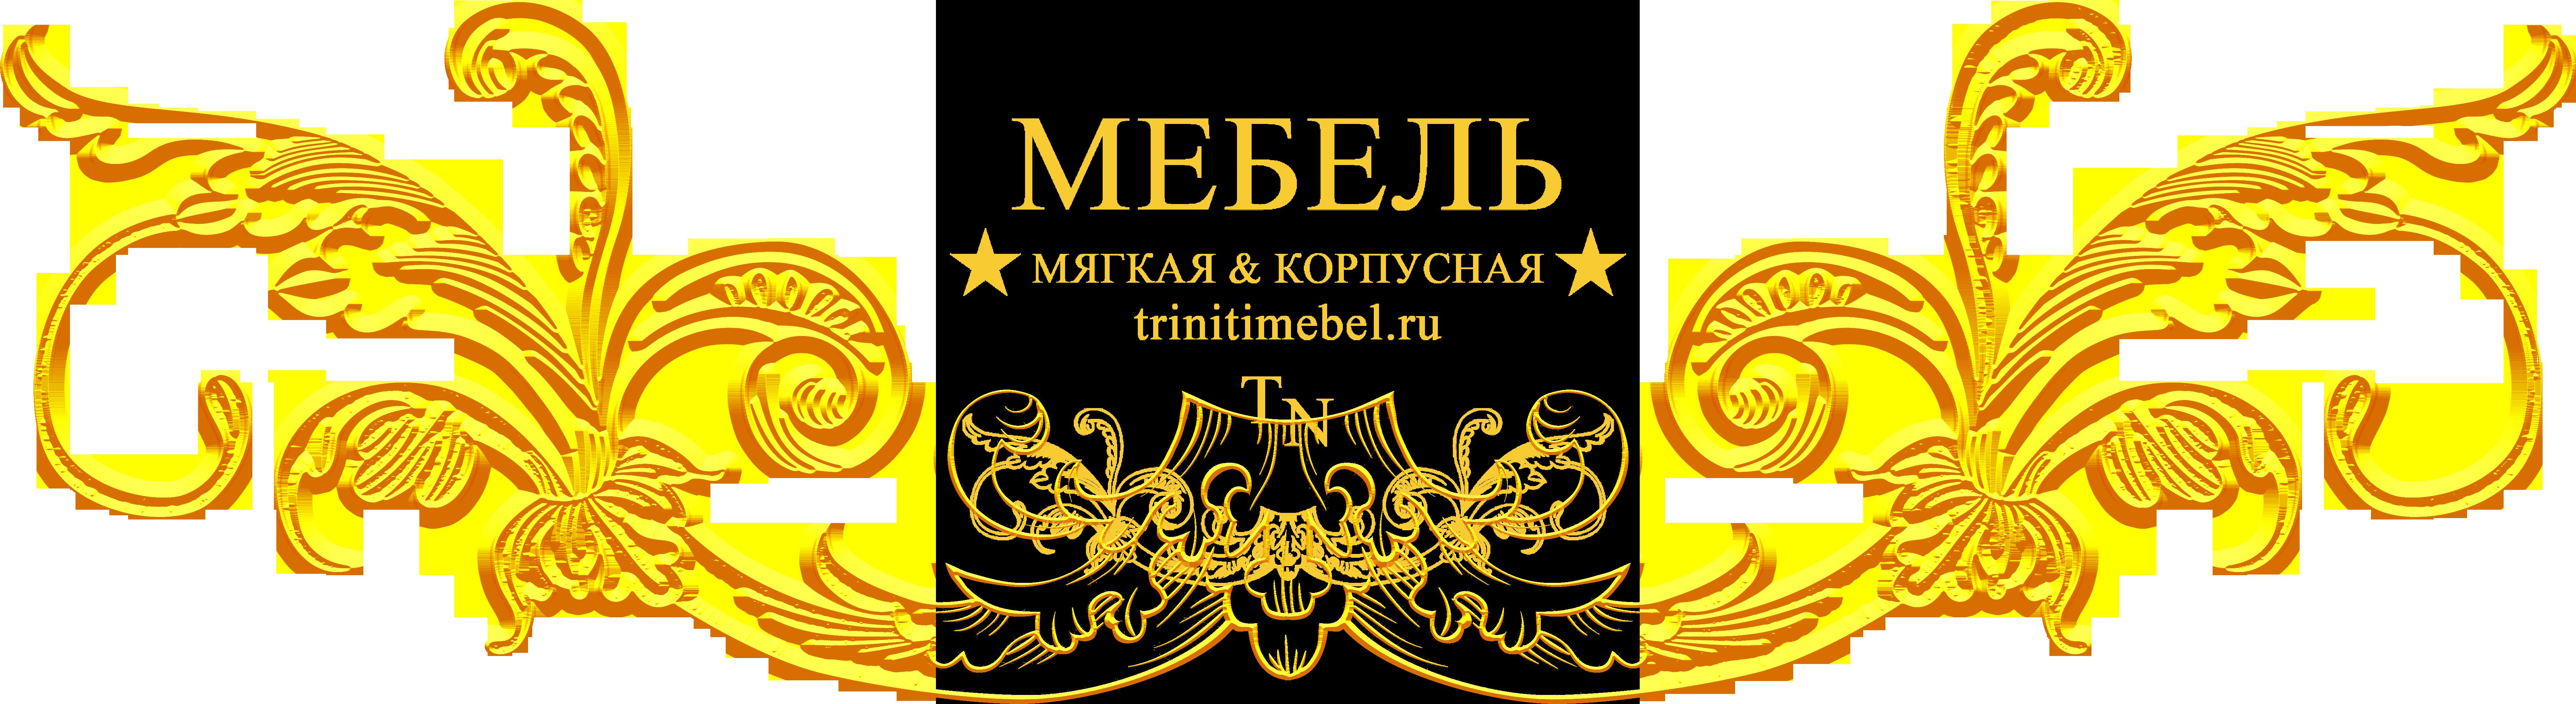 trinitimebel.ru